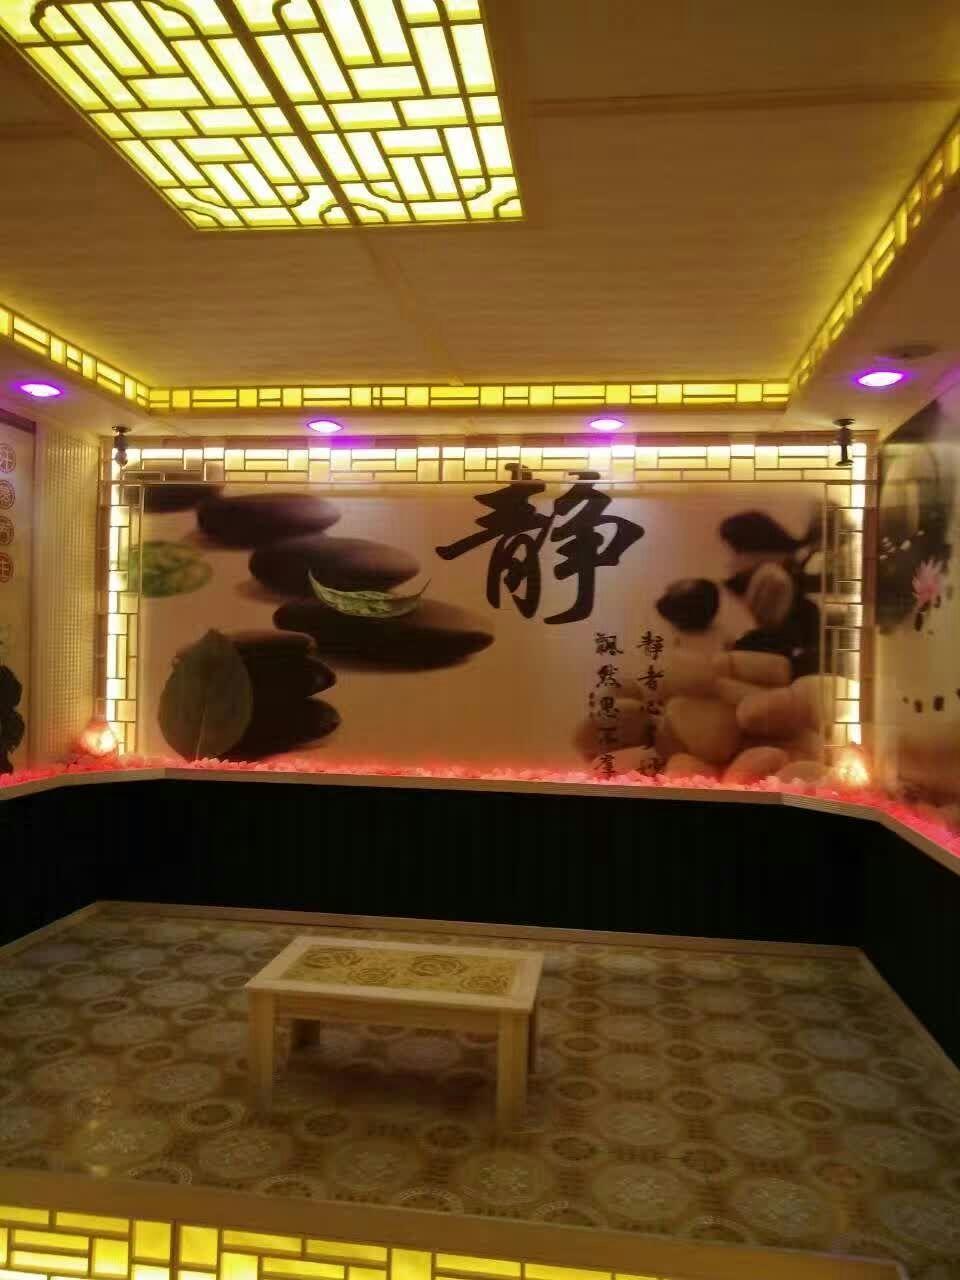 西和县安装汗蒸房一般怎么收费